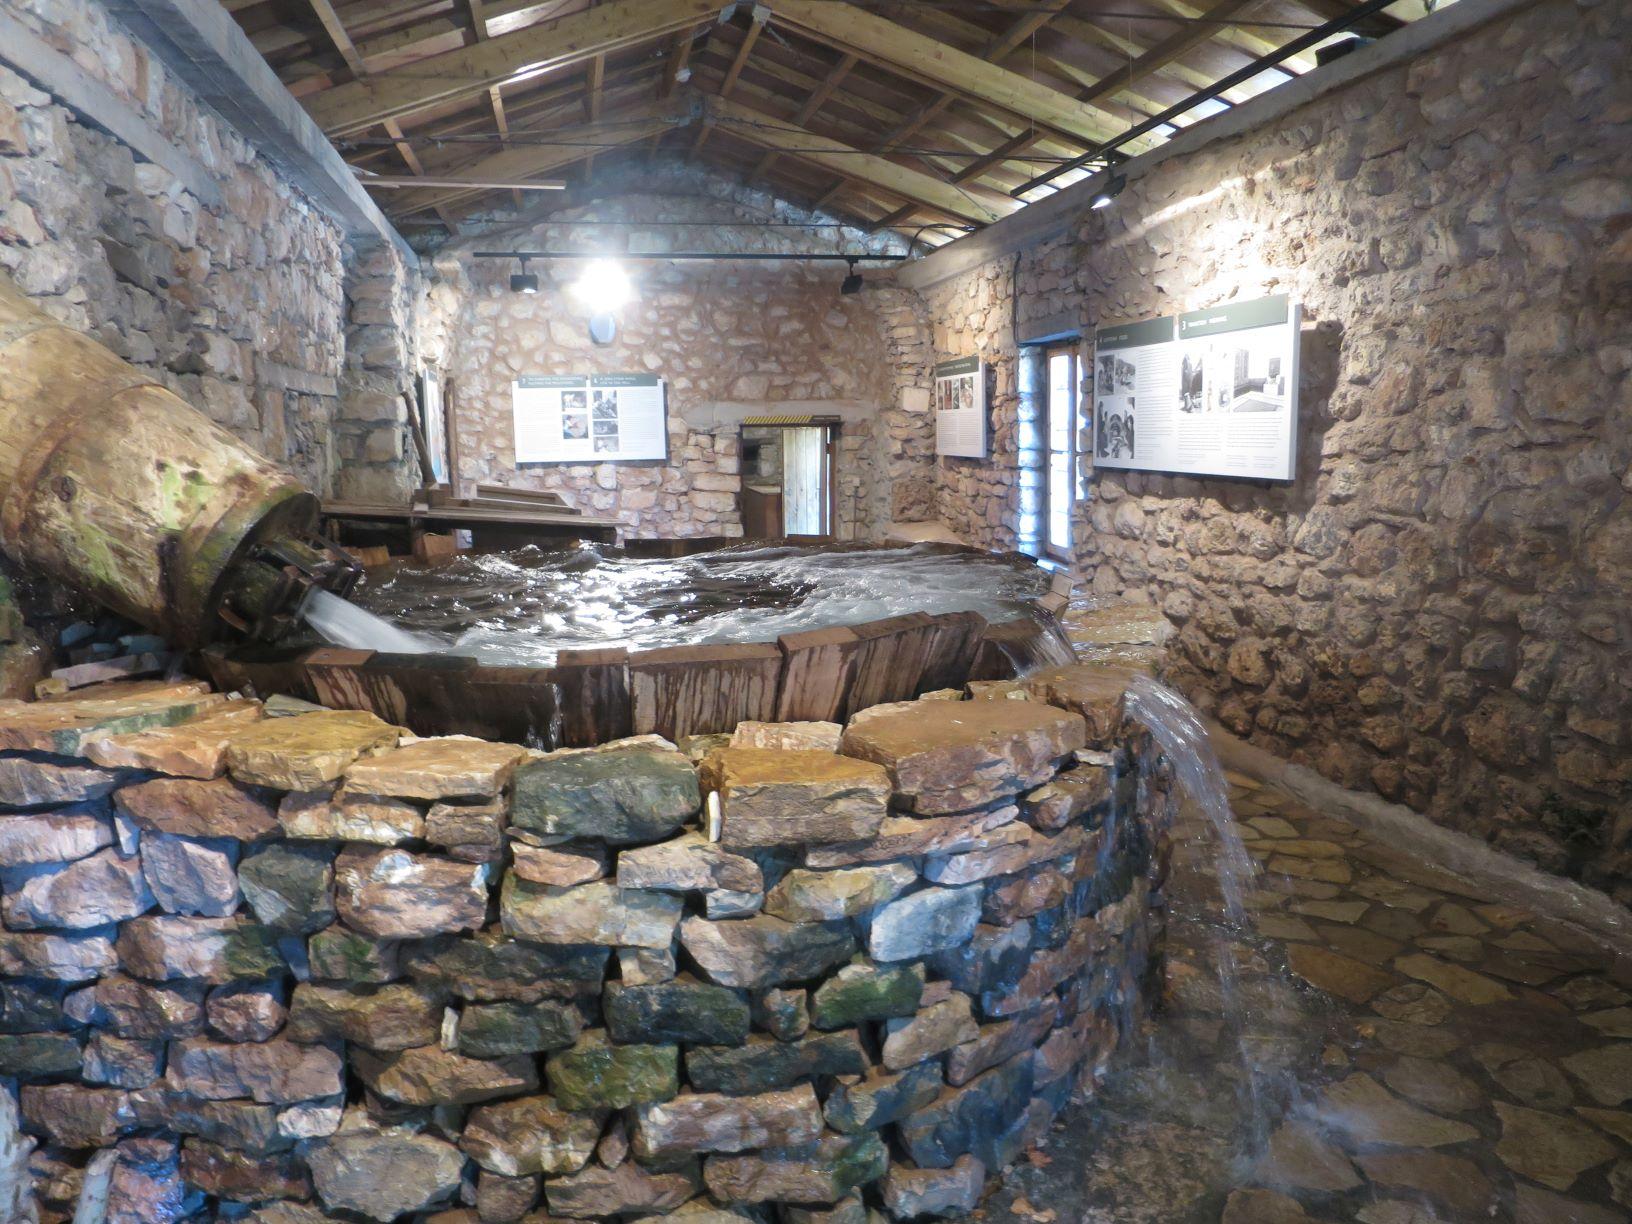 ディミツィアーナ水車博物館